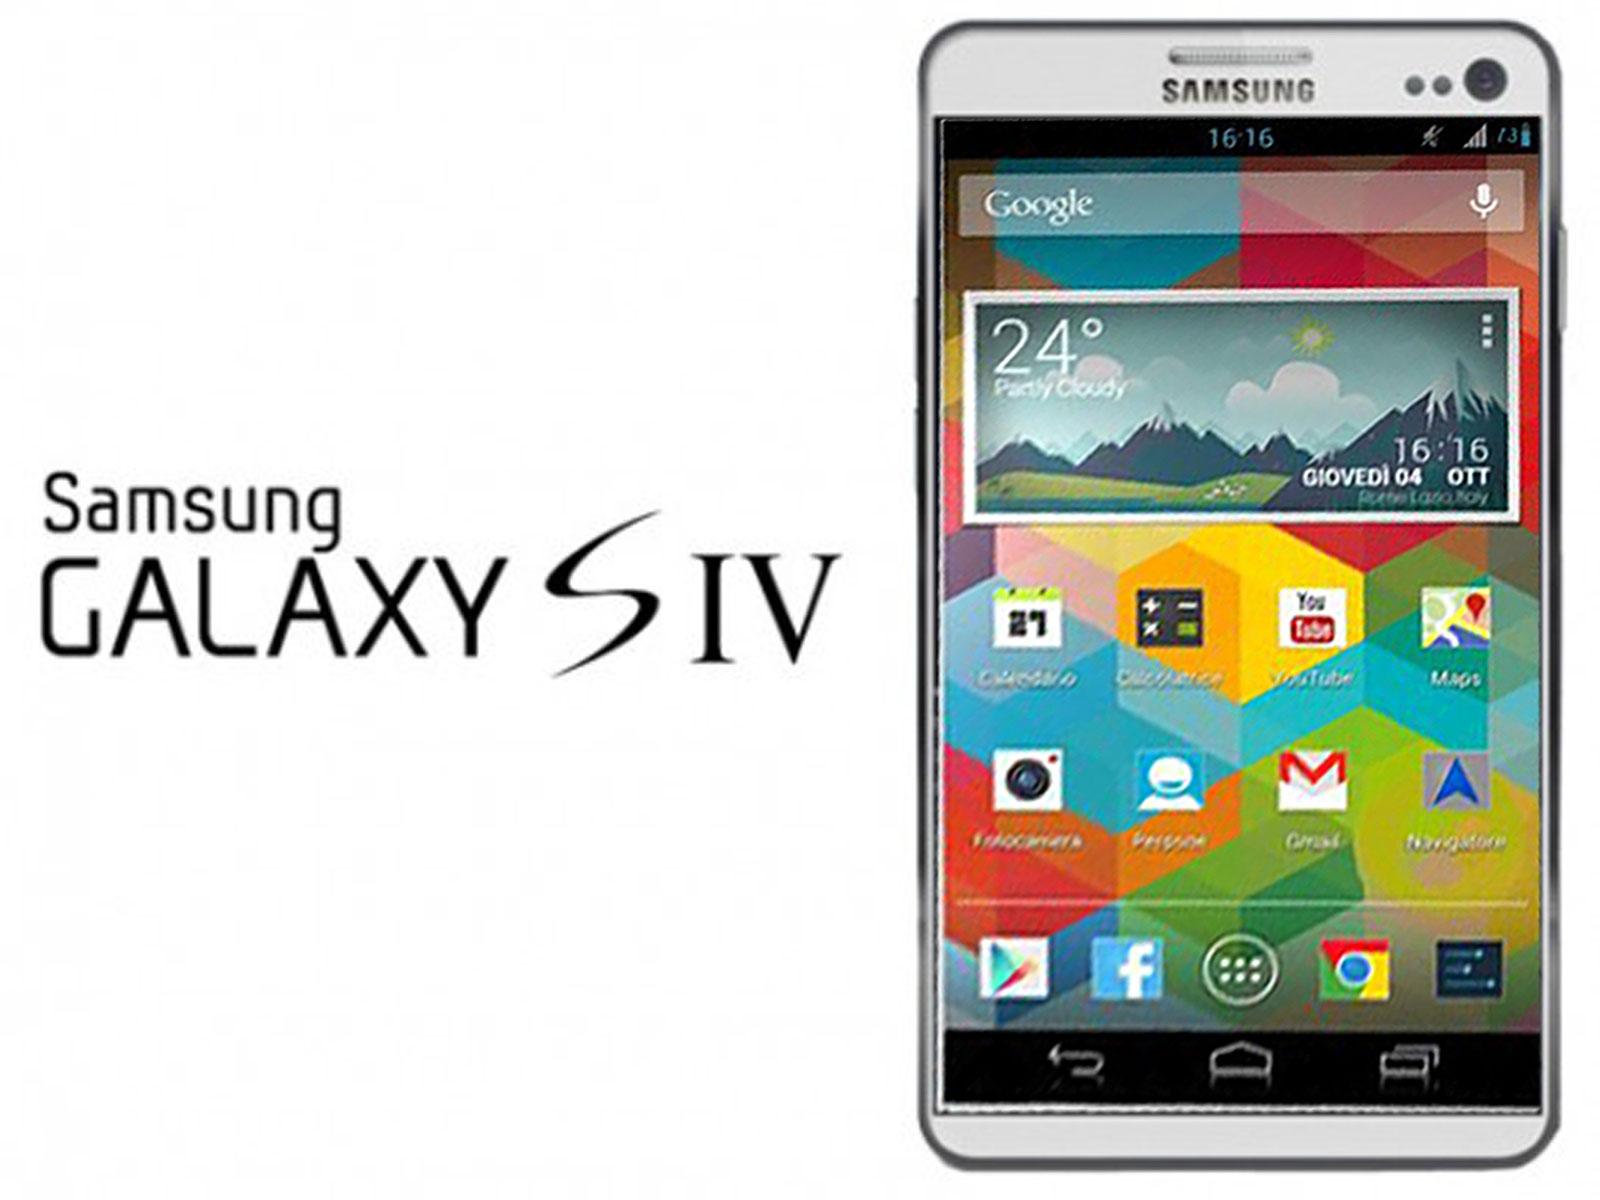 SamsungGalaxyS4-2